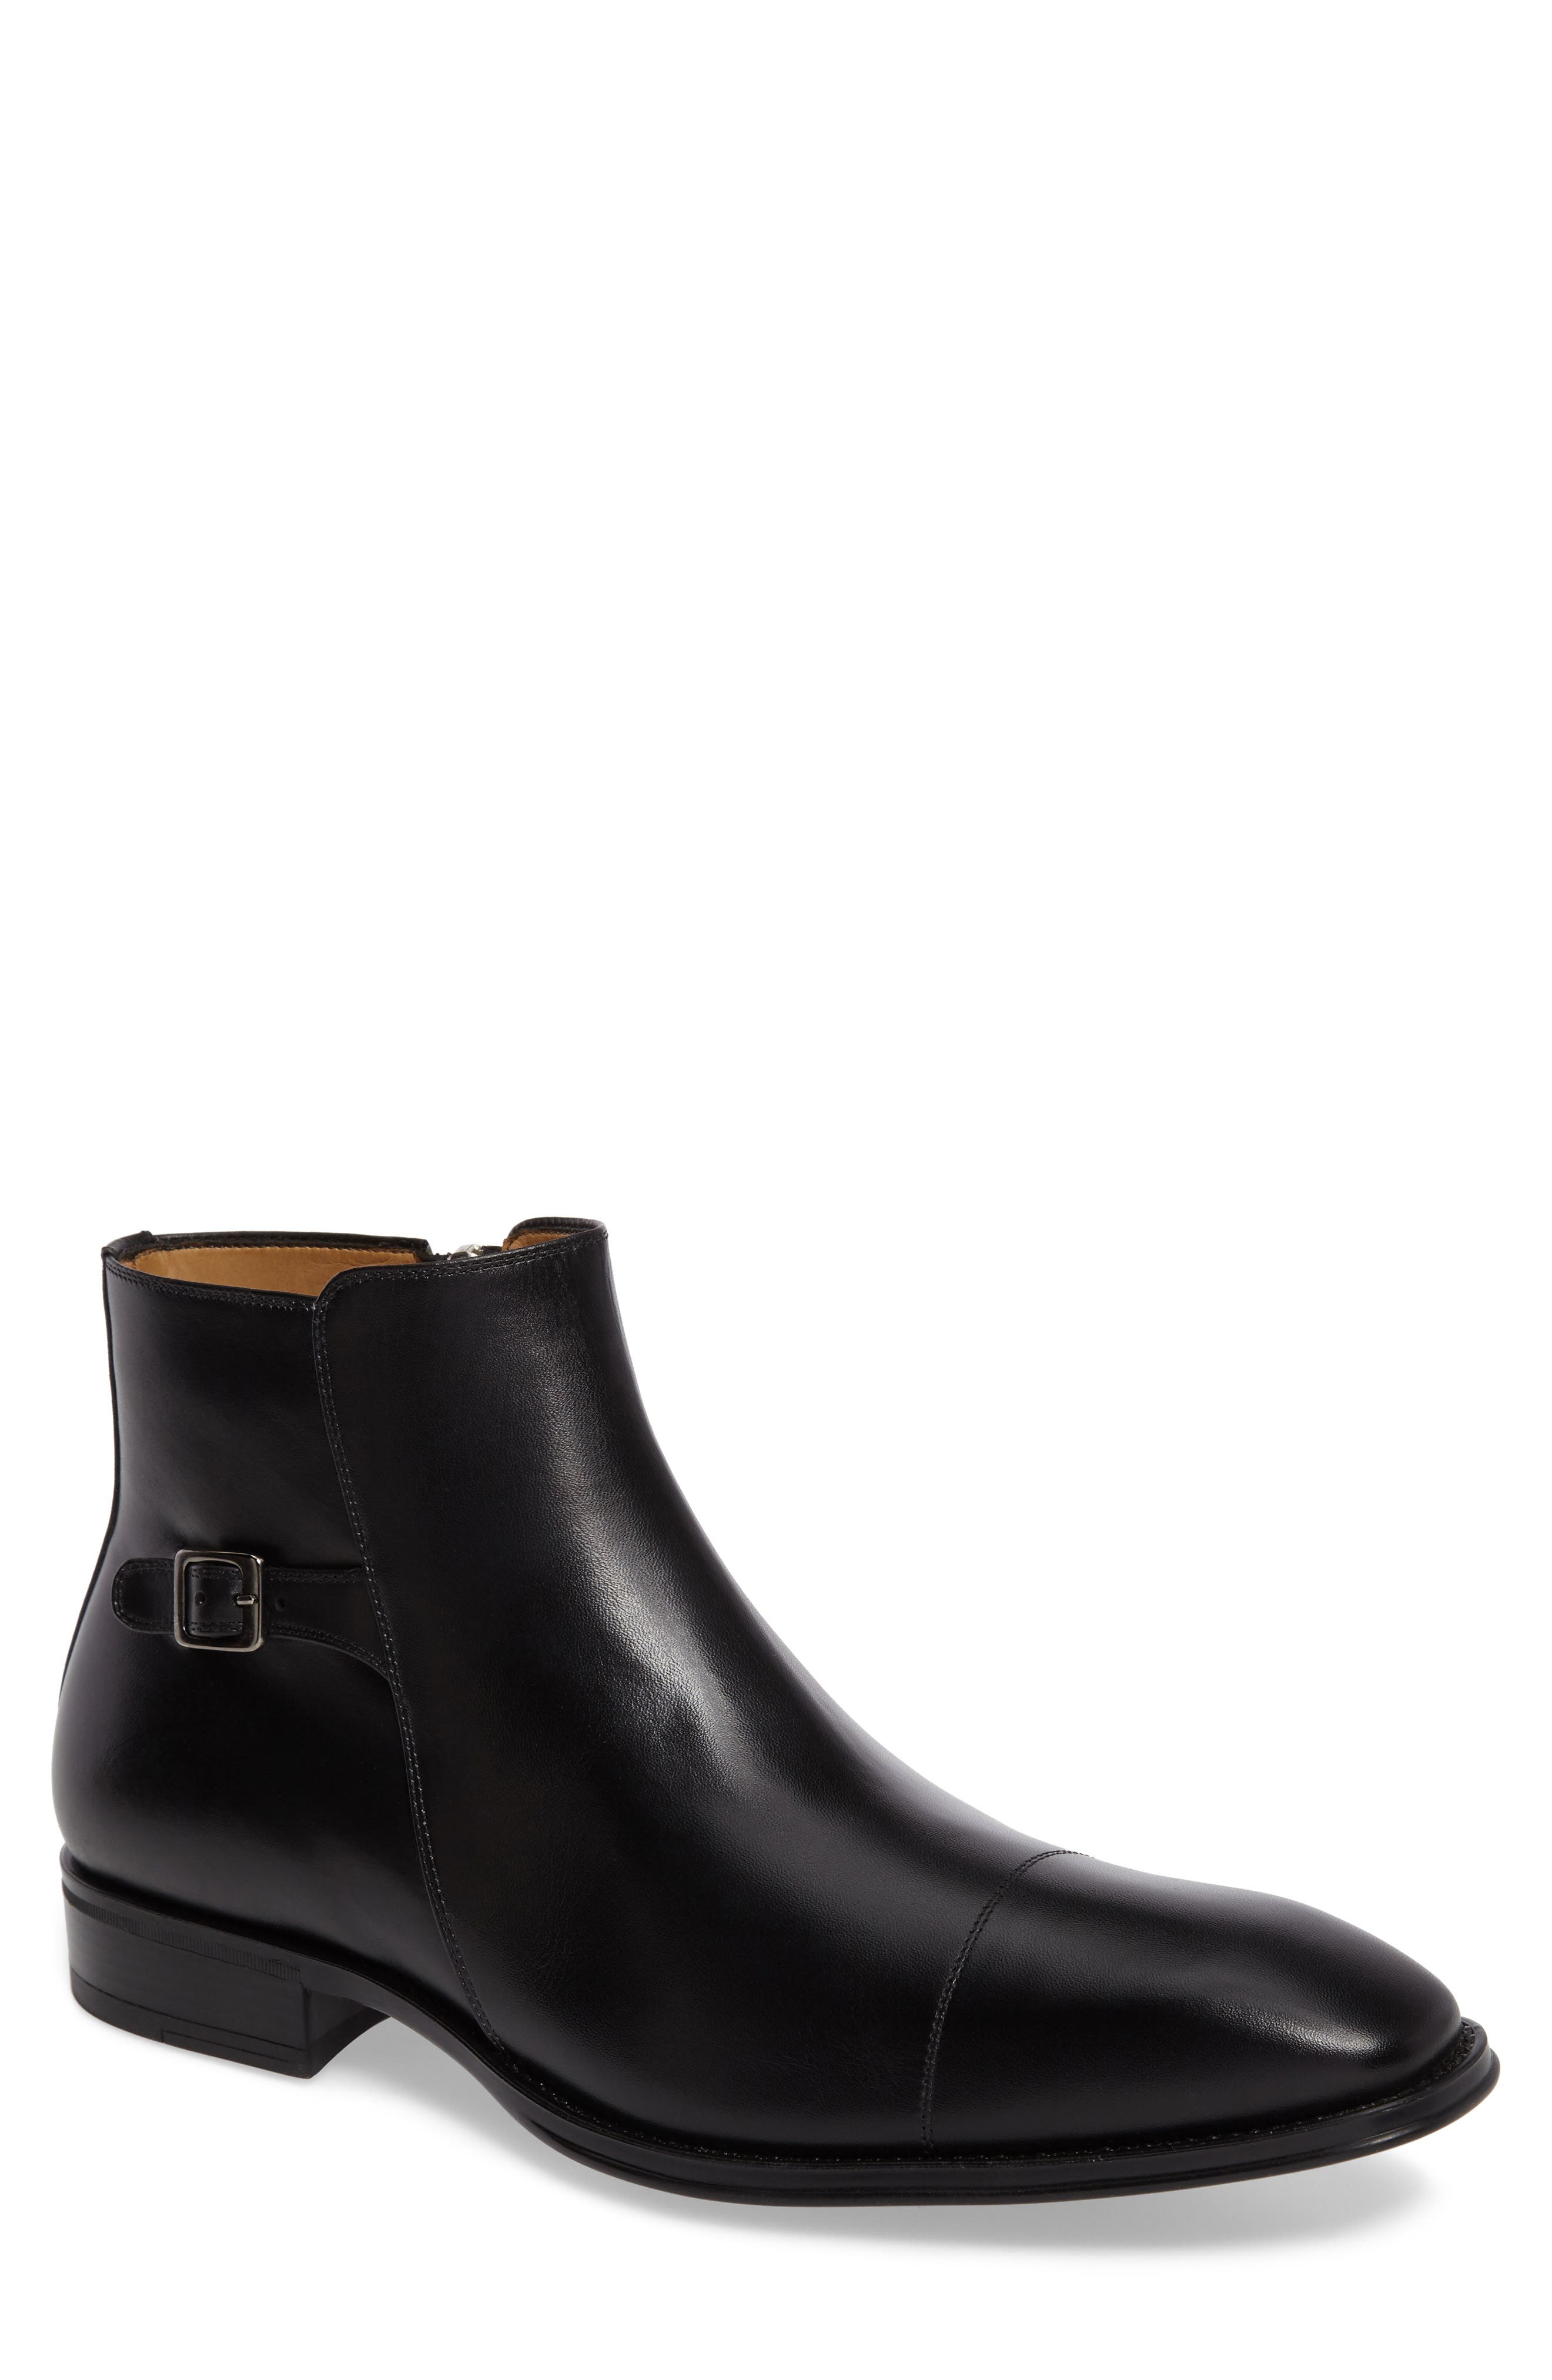 Alternate Image 1 Selected - Mezlan Casares II Zip Boot (Men)